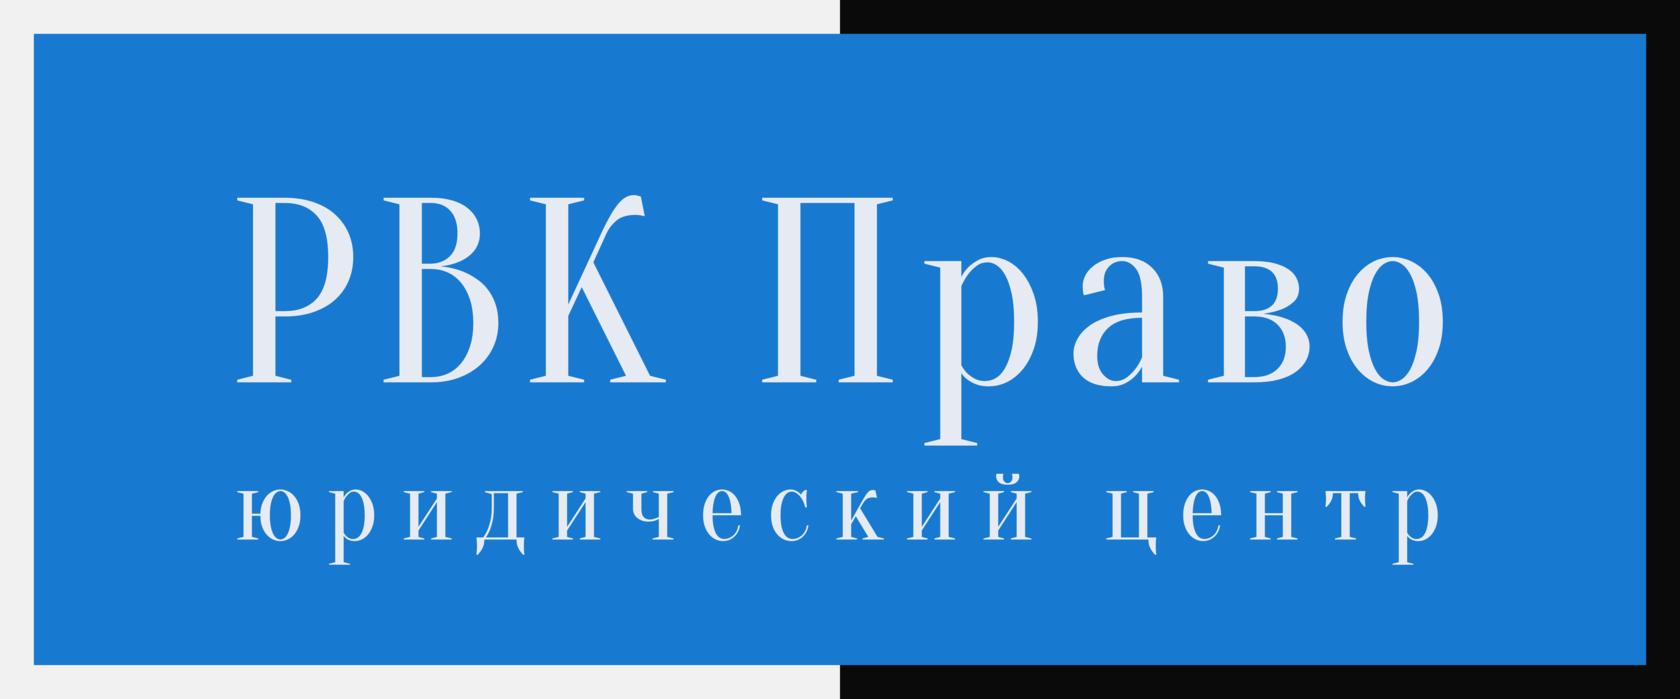 Юридическая фирма РВК Право